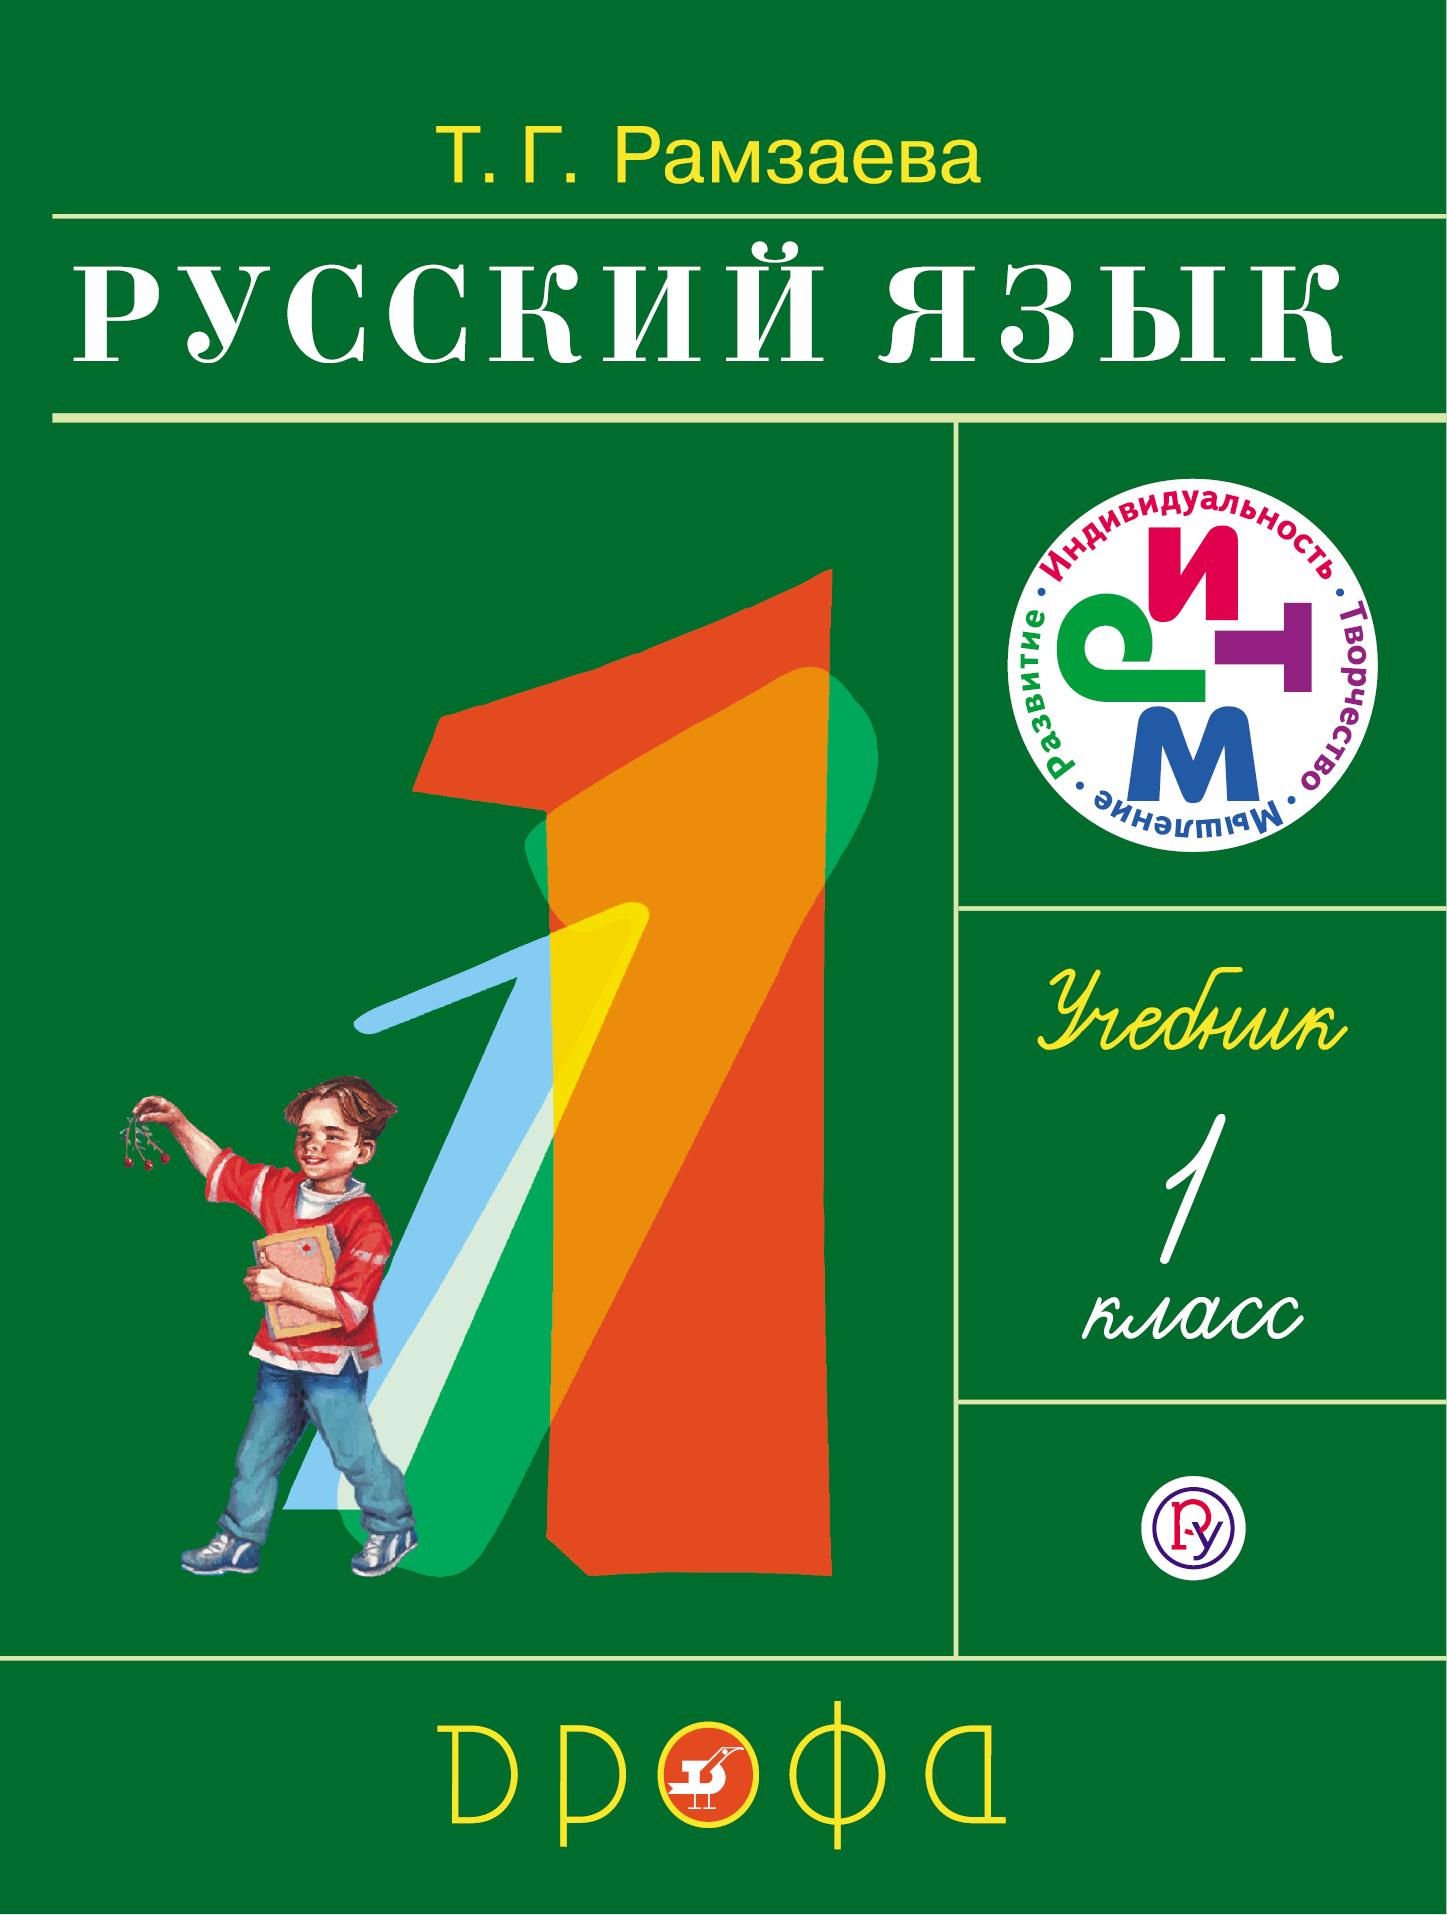 Рамзаева Т.Г. Русский язык.1 класс. Учебник.